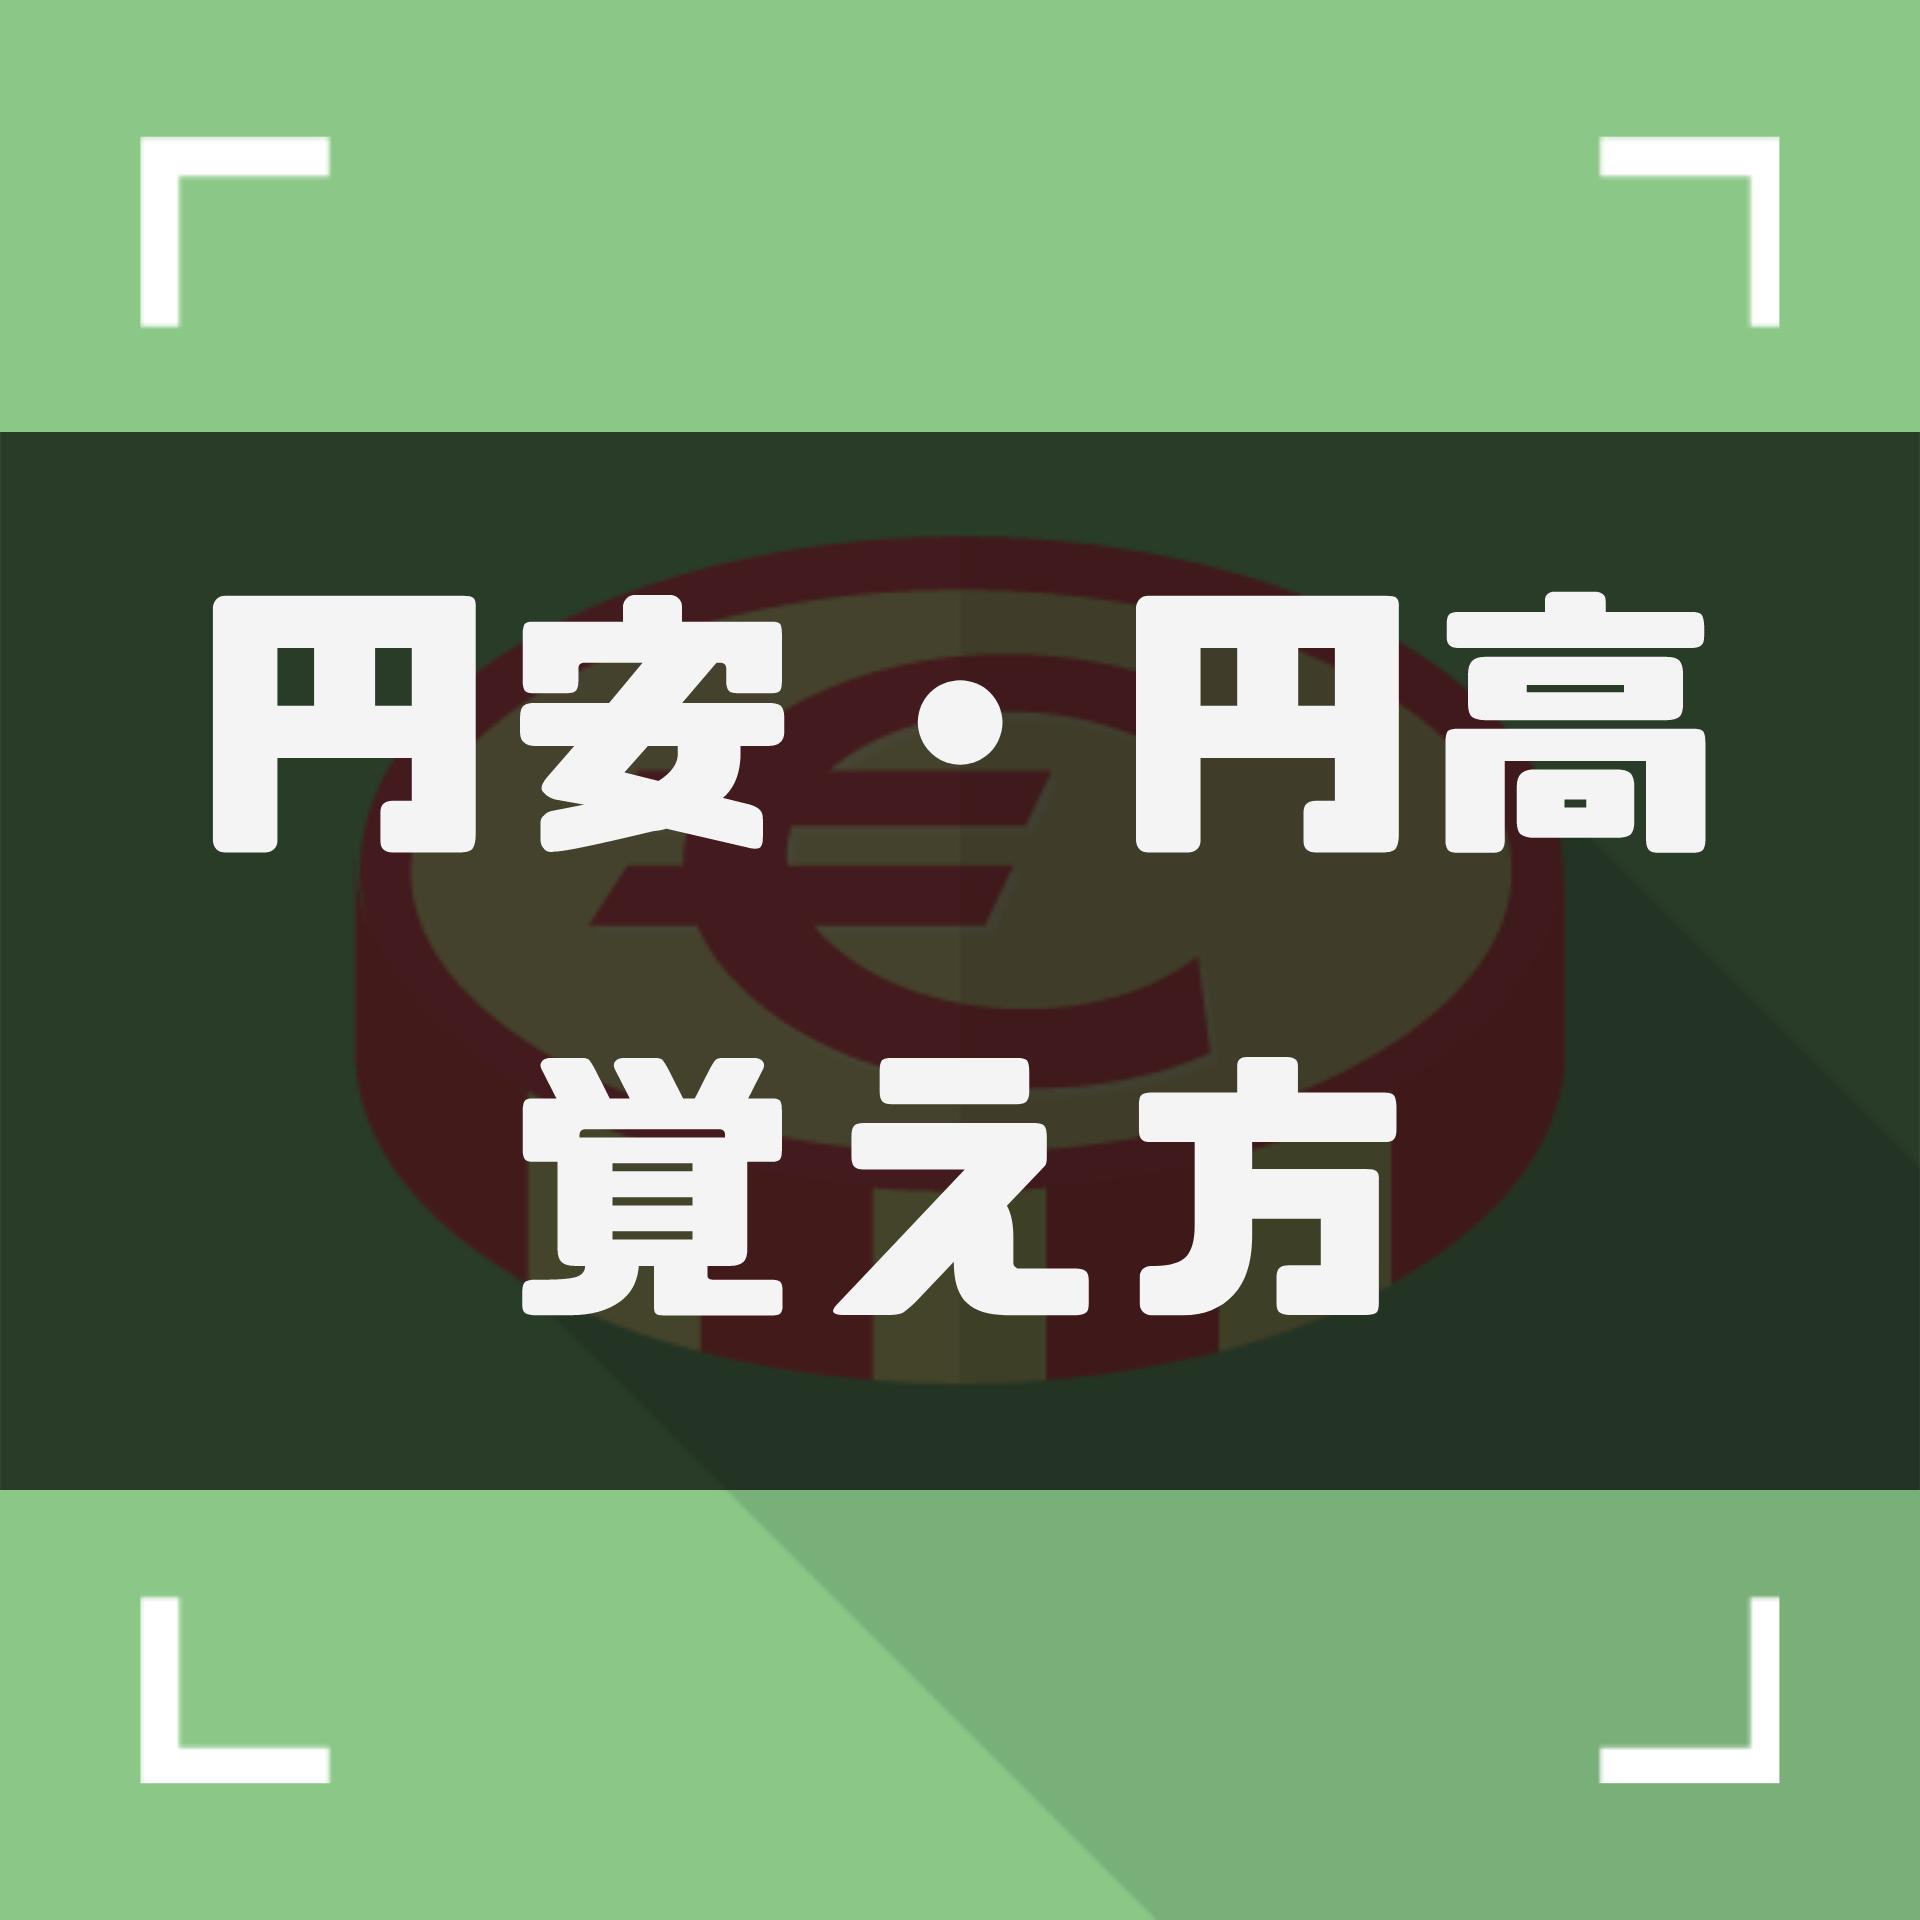 【保存版】円高・円安とは、2020年はどっち?覚え方をわかりやすくイラストで解説!